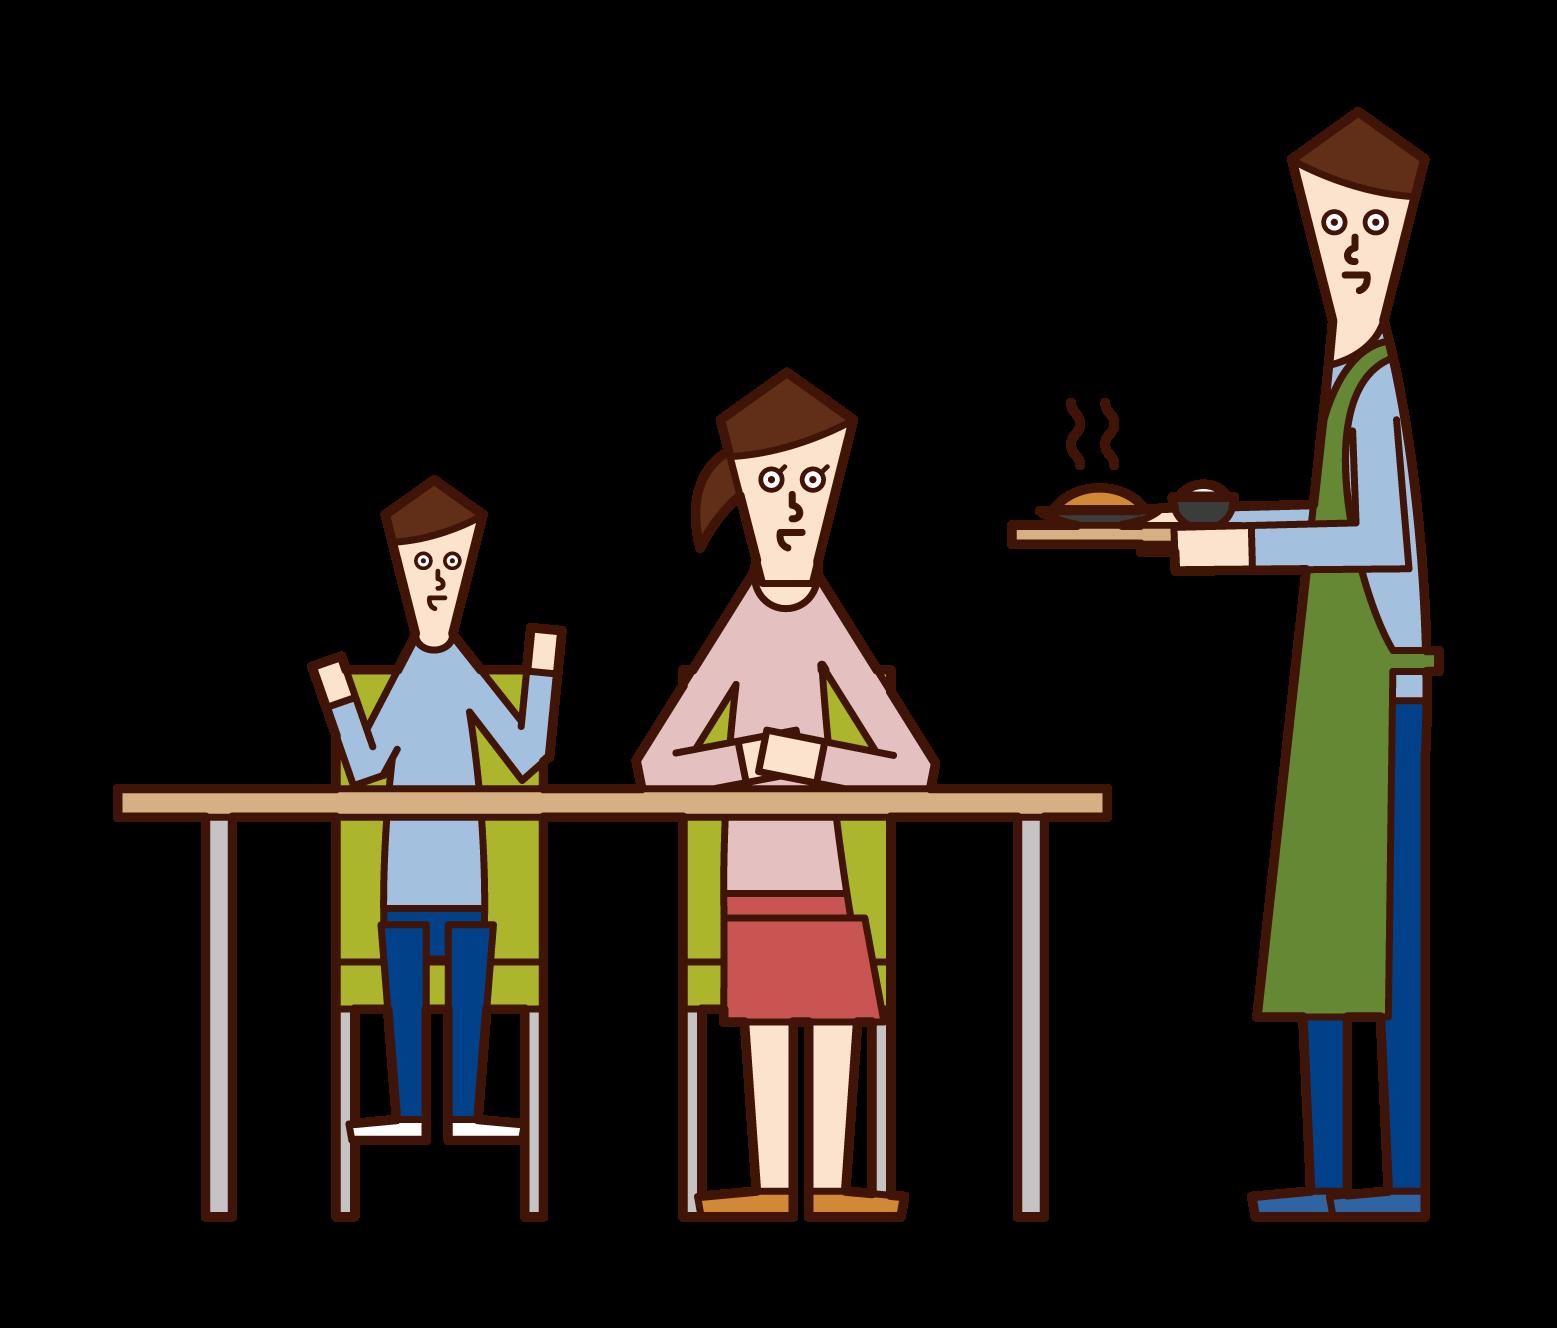 저녁 식사의 아버지와 식탁 주위의 가족 일러스트를 만듭니다